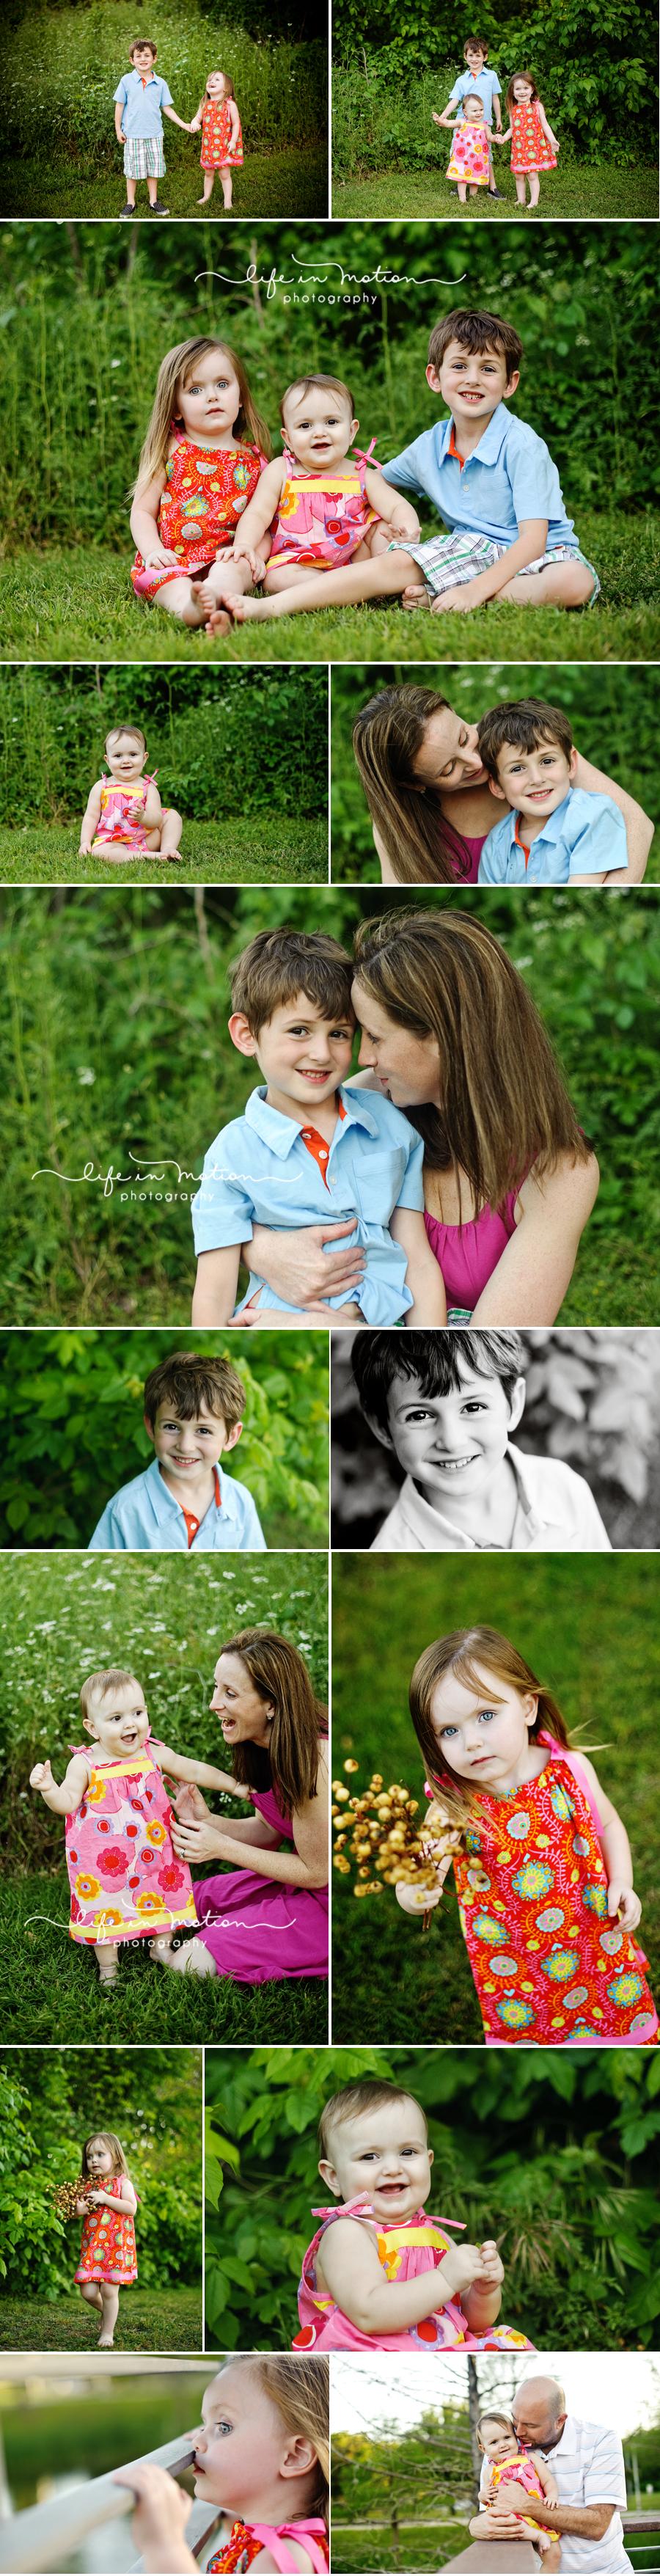 austin family photographer lyndsay stradtner